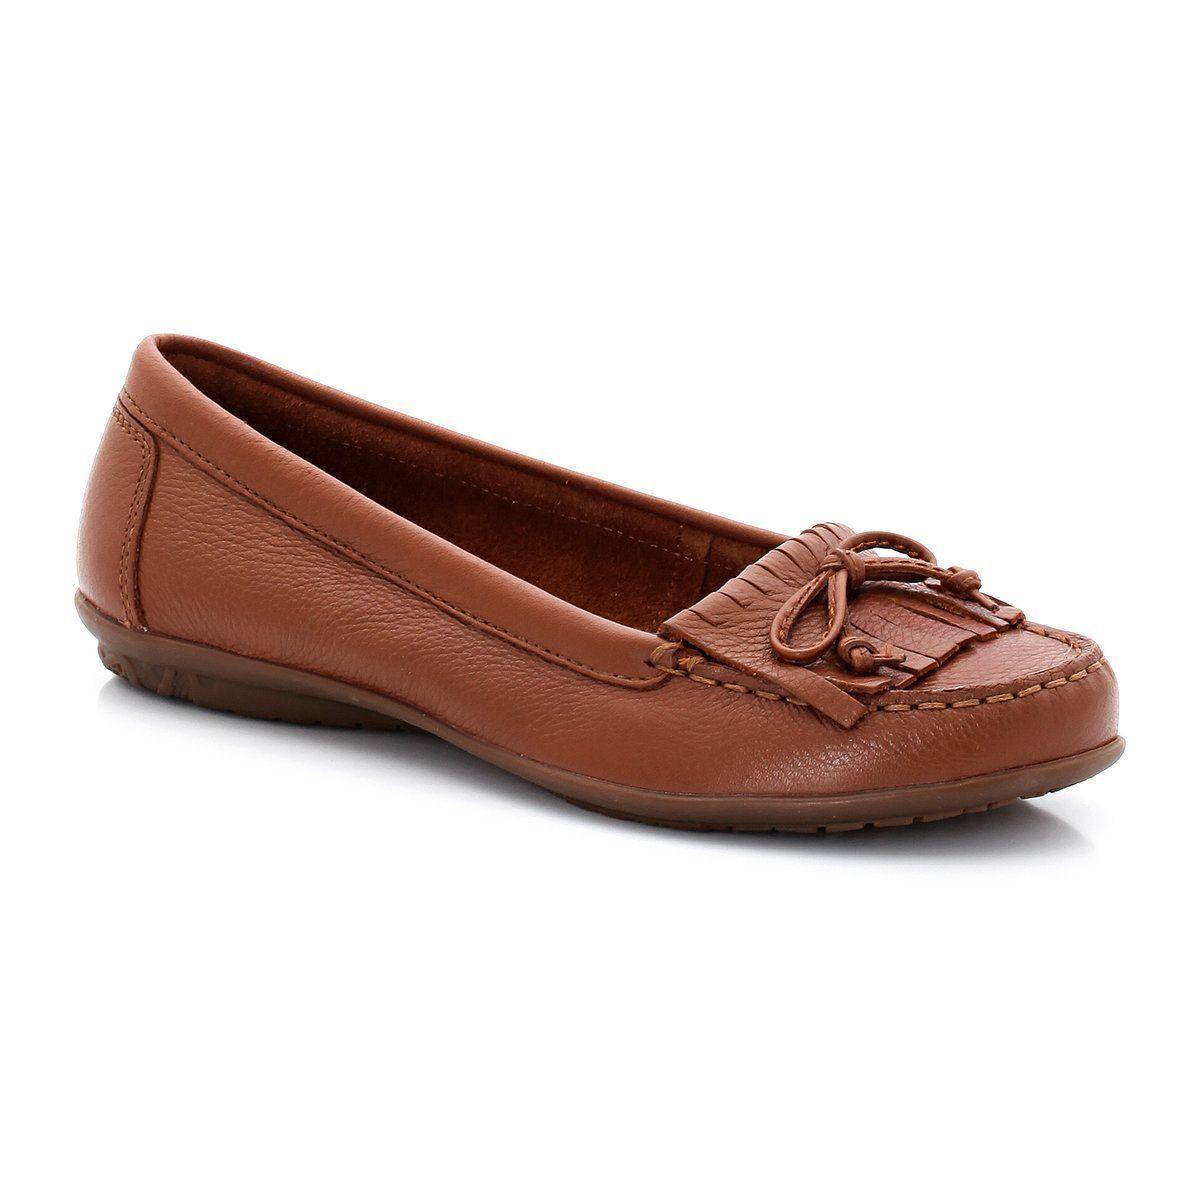 Mujer señoras Hush Puppies Ceil Mocc Cuero Tostado Zapatos Para